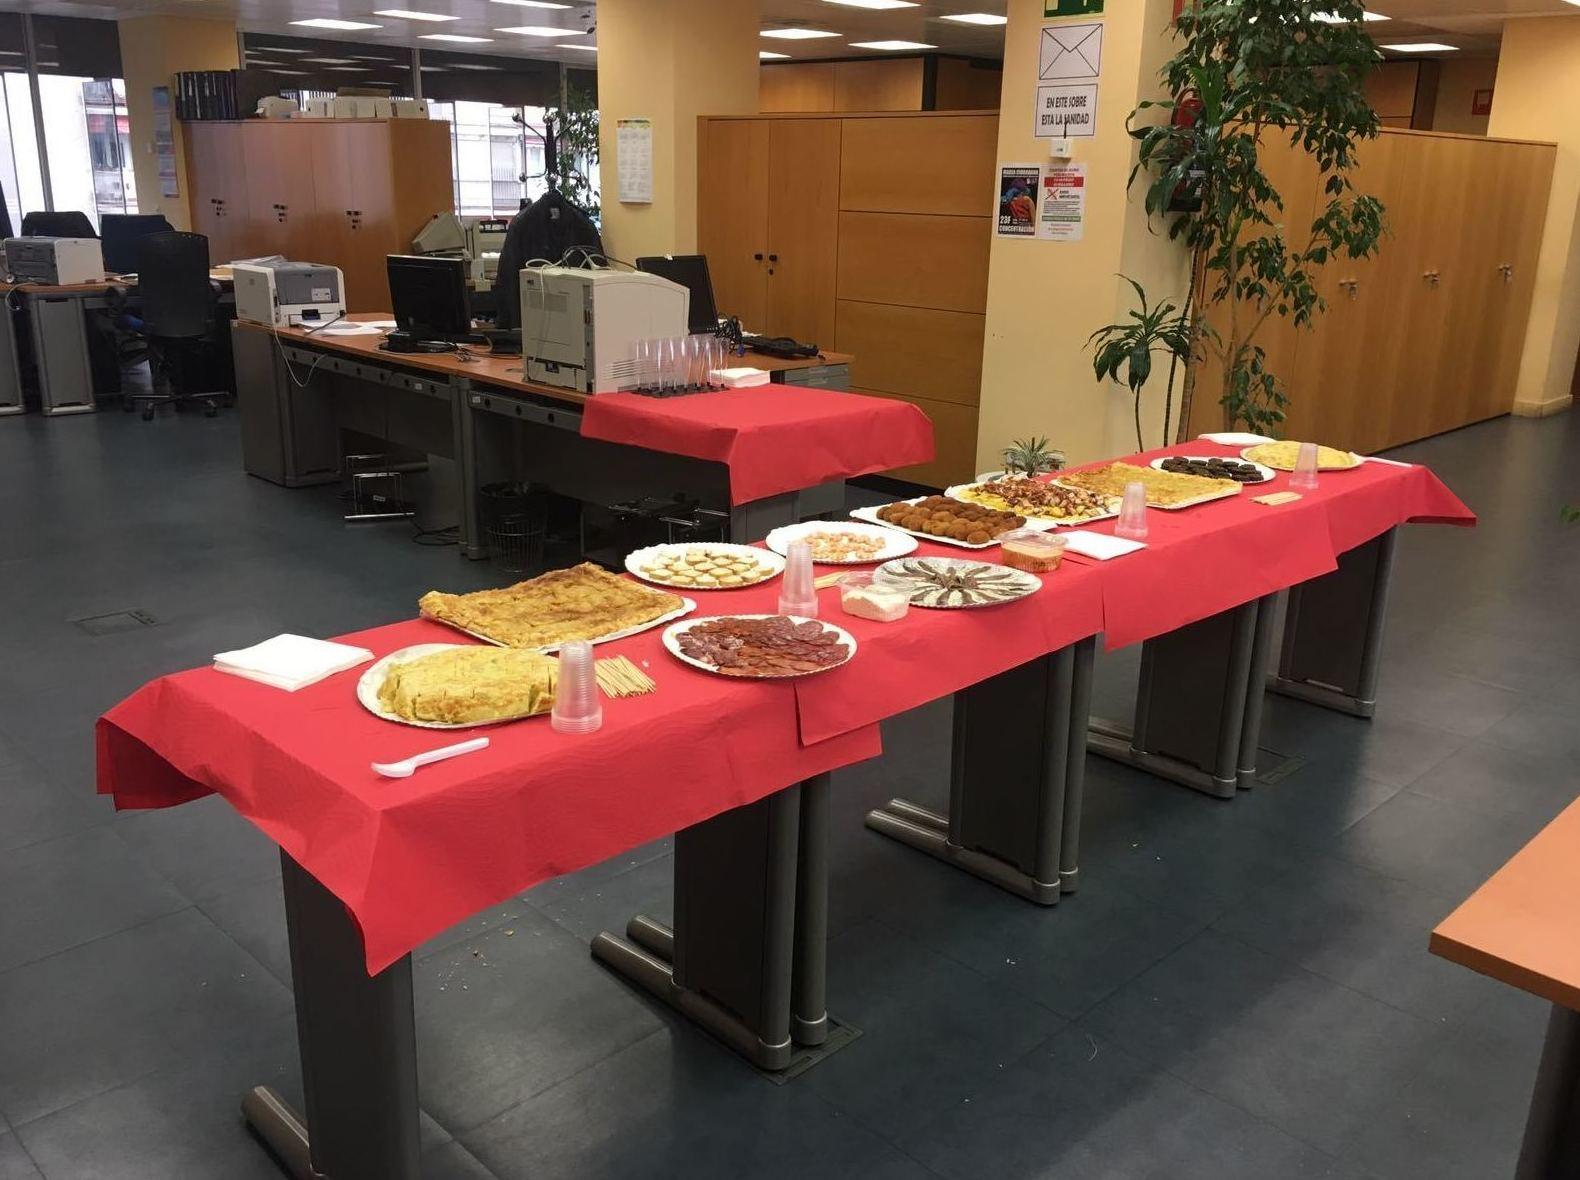 Servicio de Catering Madrid: Nuestra cocina de Melococinan